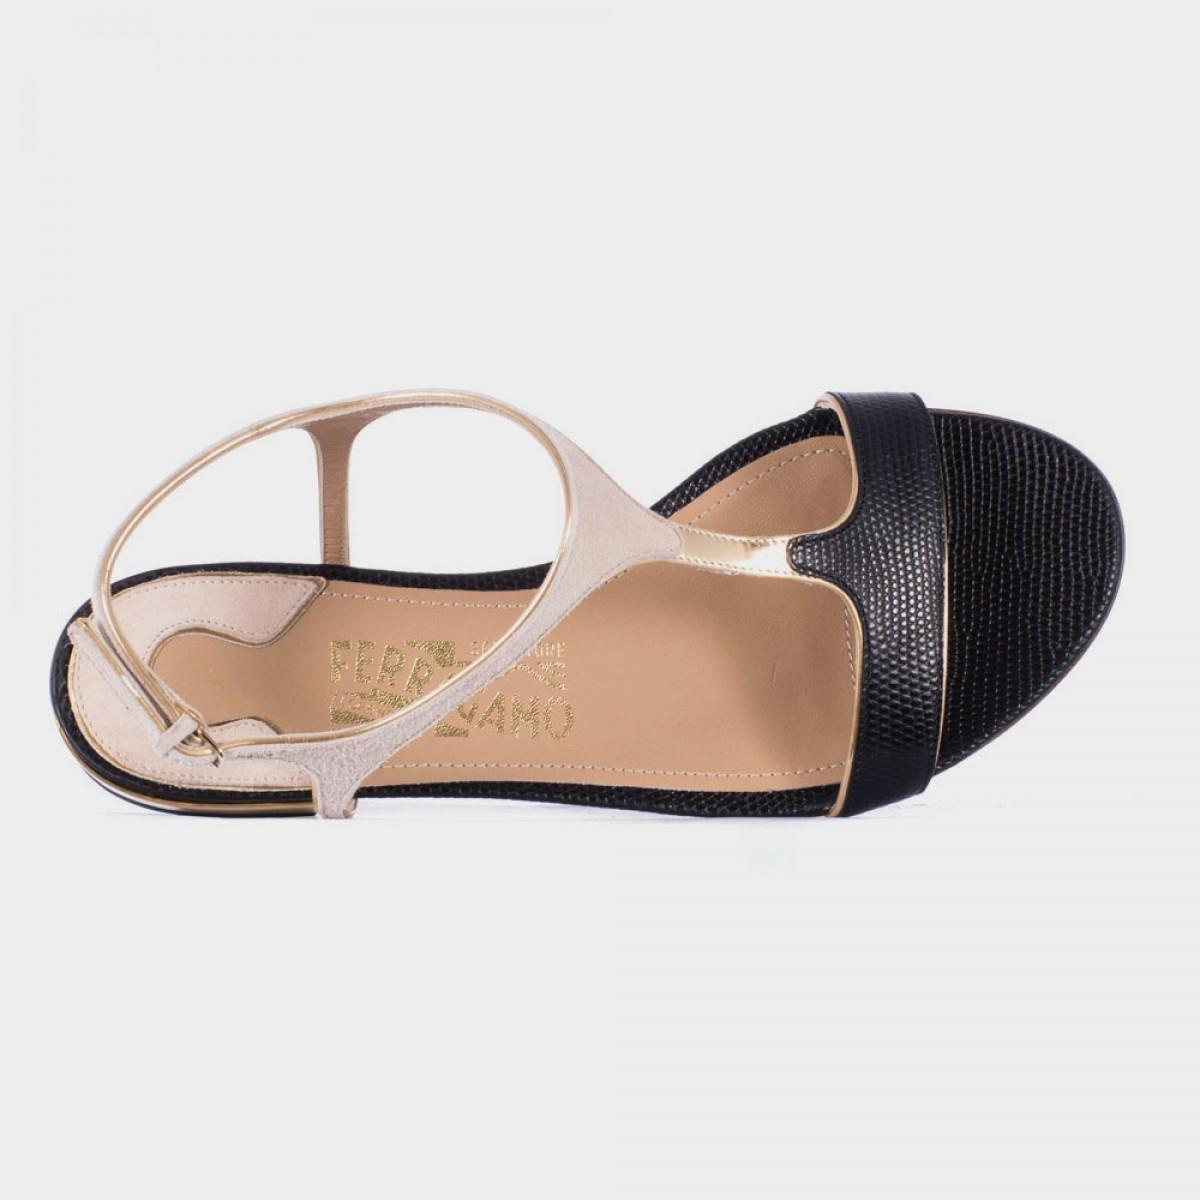 Ferragamo Jelly Shoes Uk